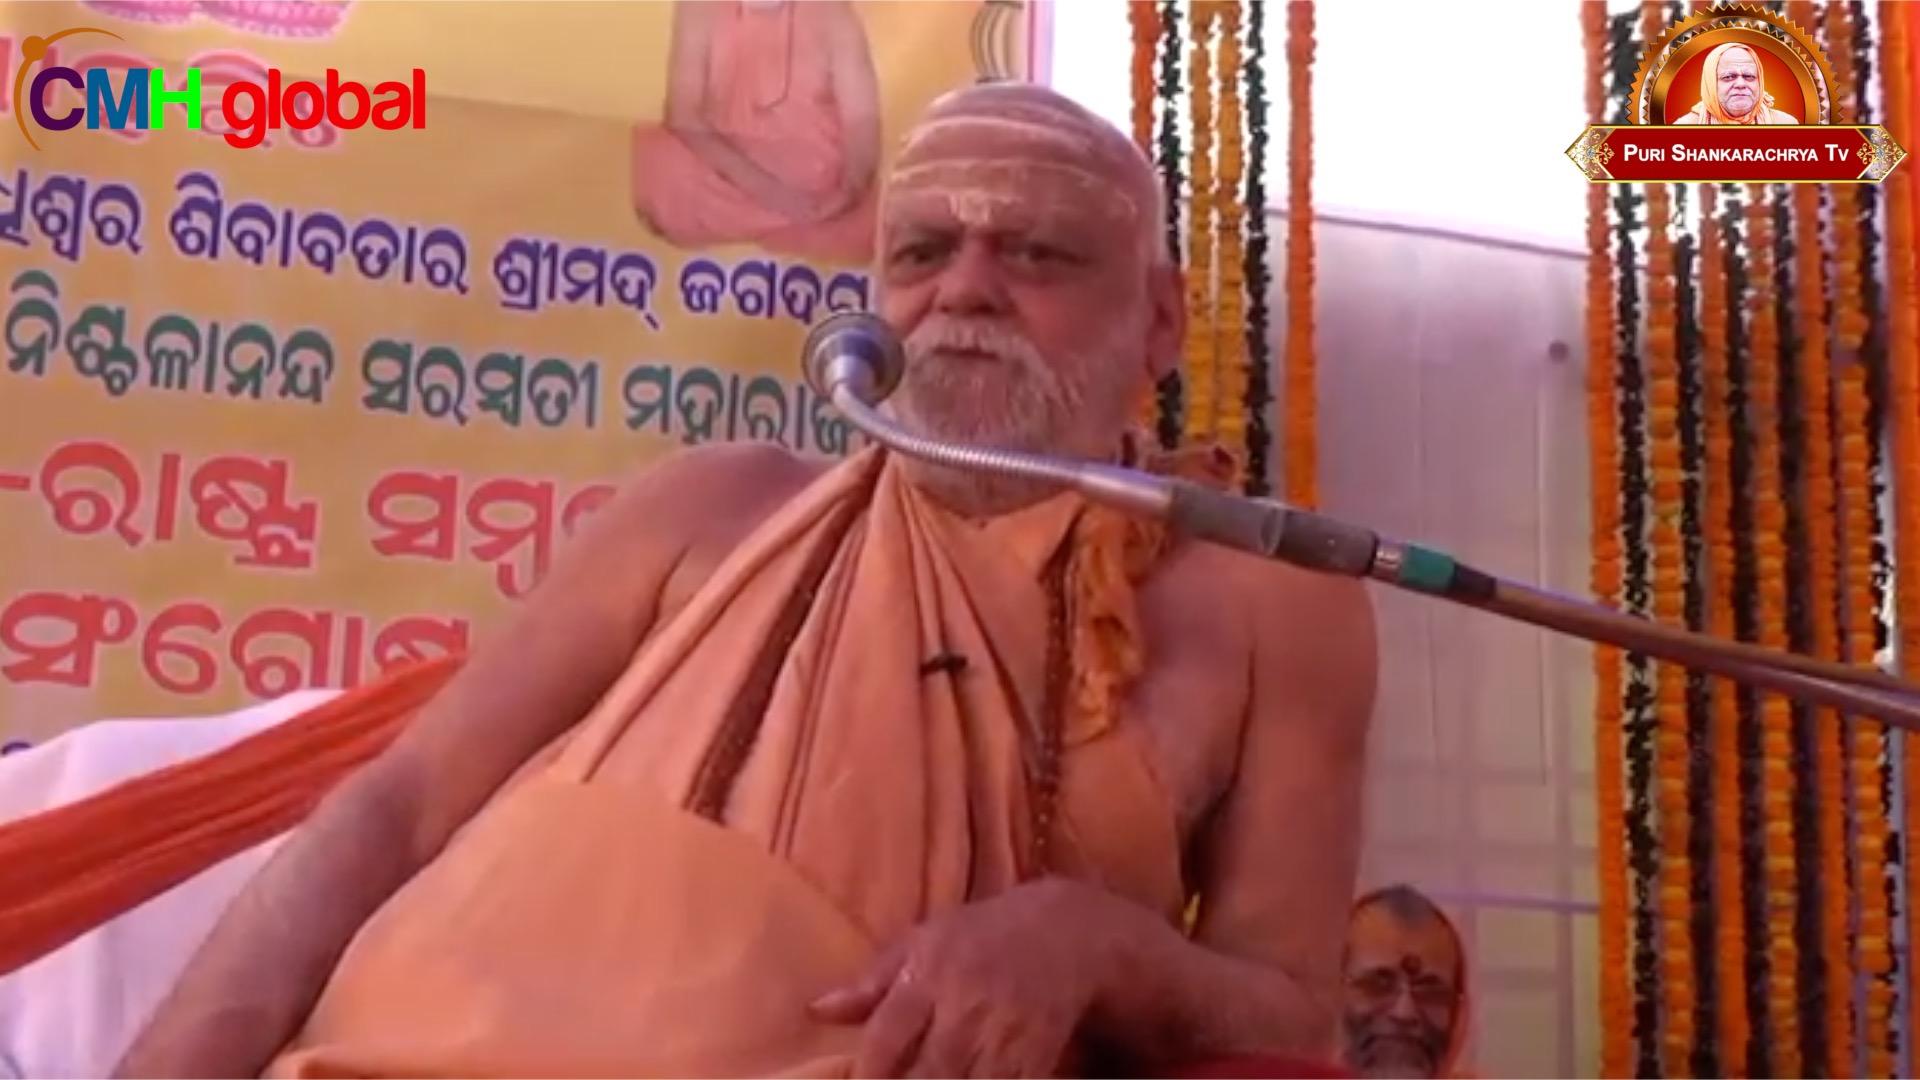 Gyan Dhara Ep -12 by Puri Shankaracharya Swami Nishchalananda Saraswati Ji